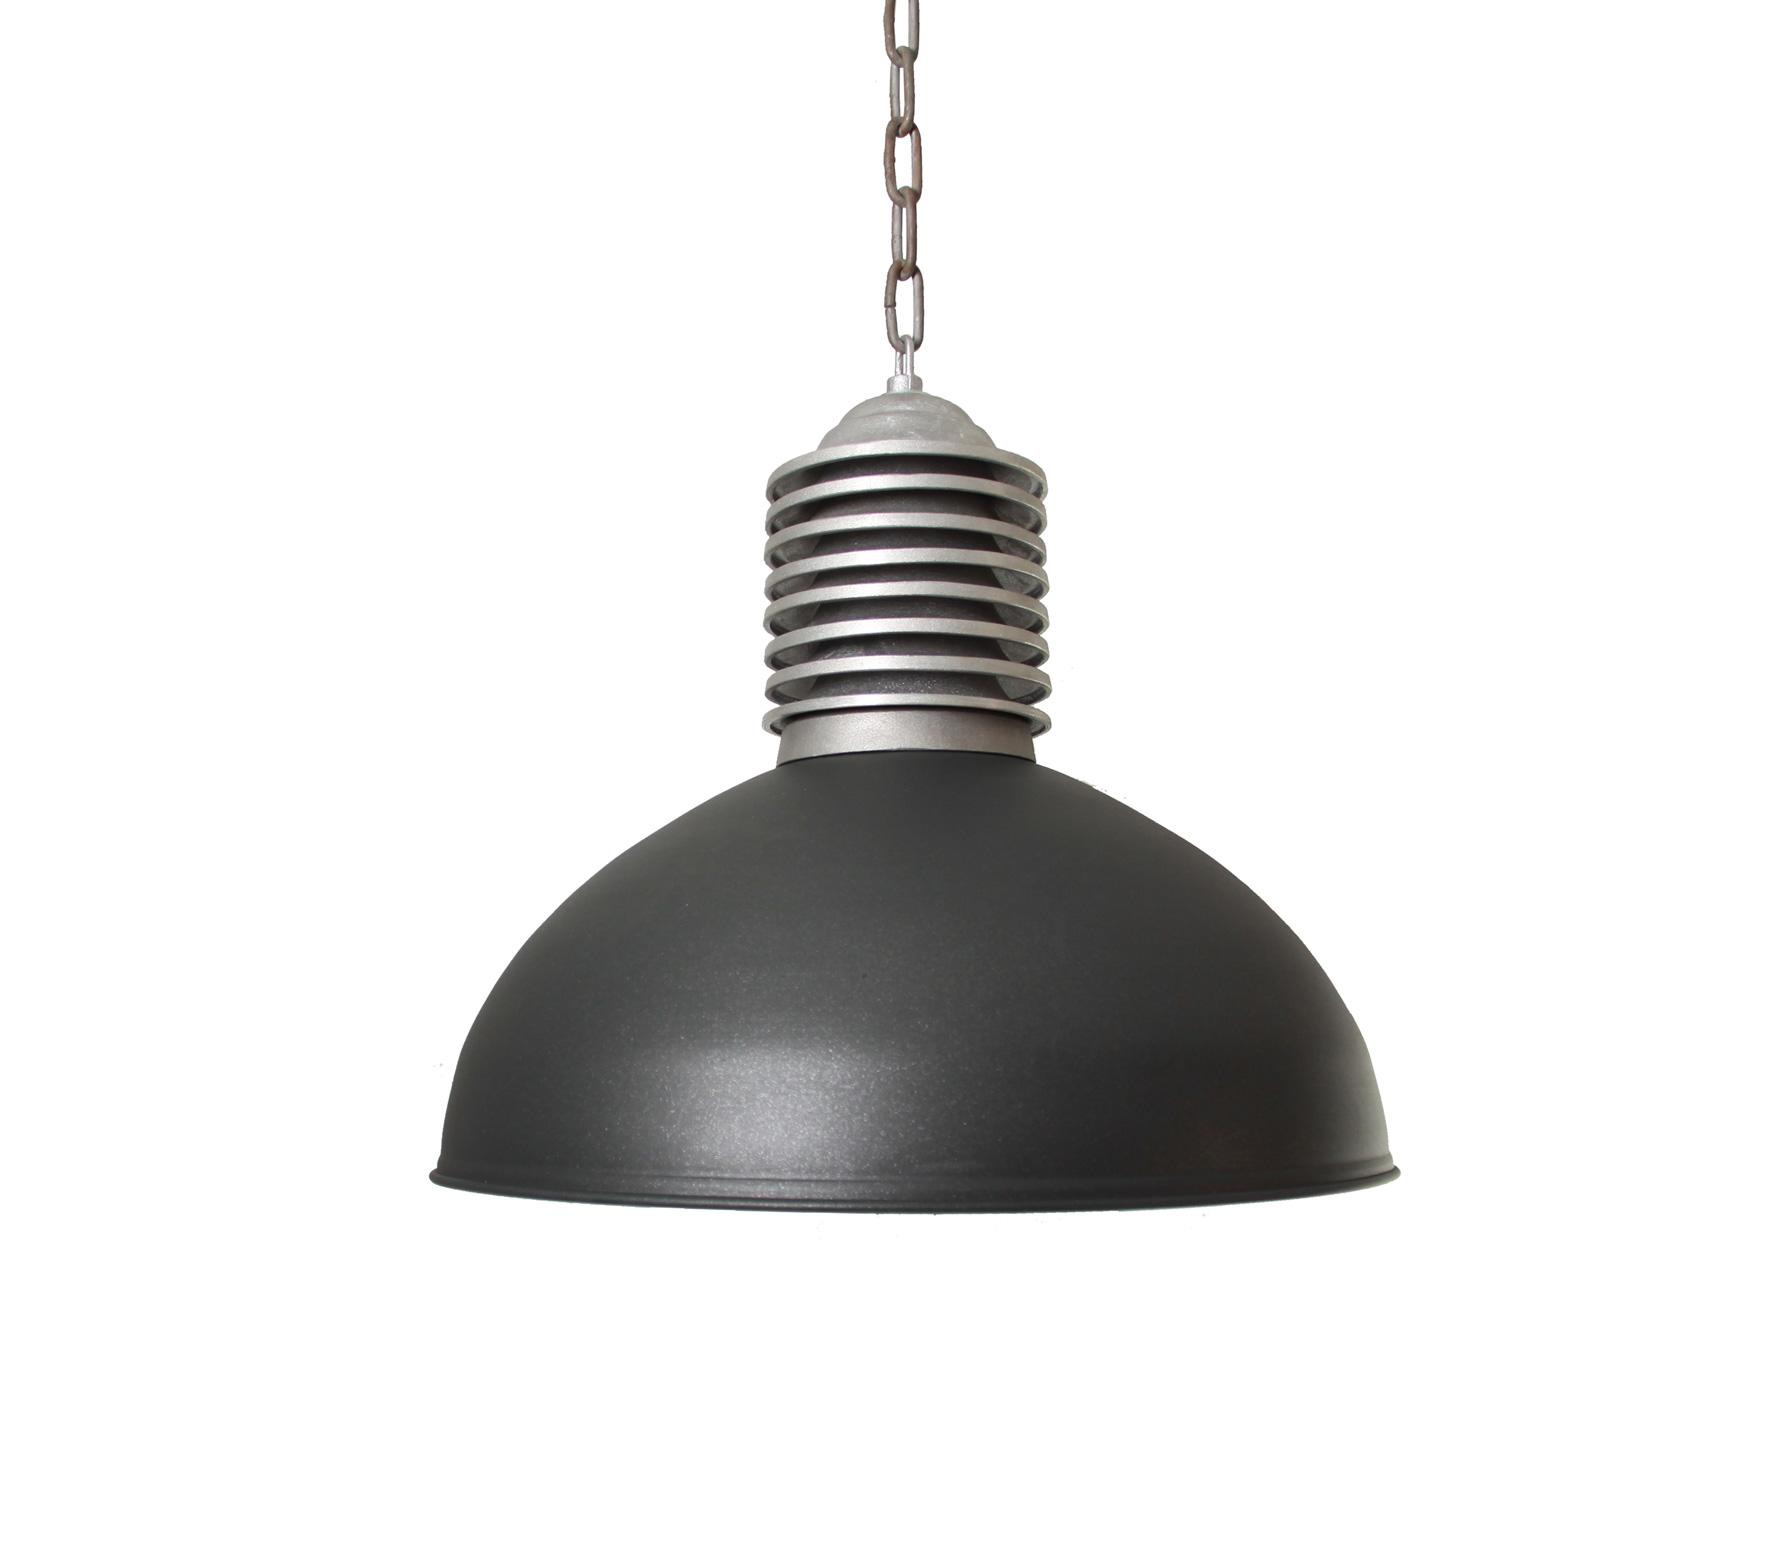 Old industrie hanglamp � 45 cm antraciet aluminium